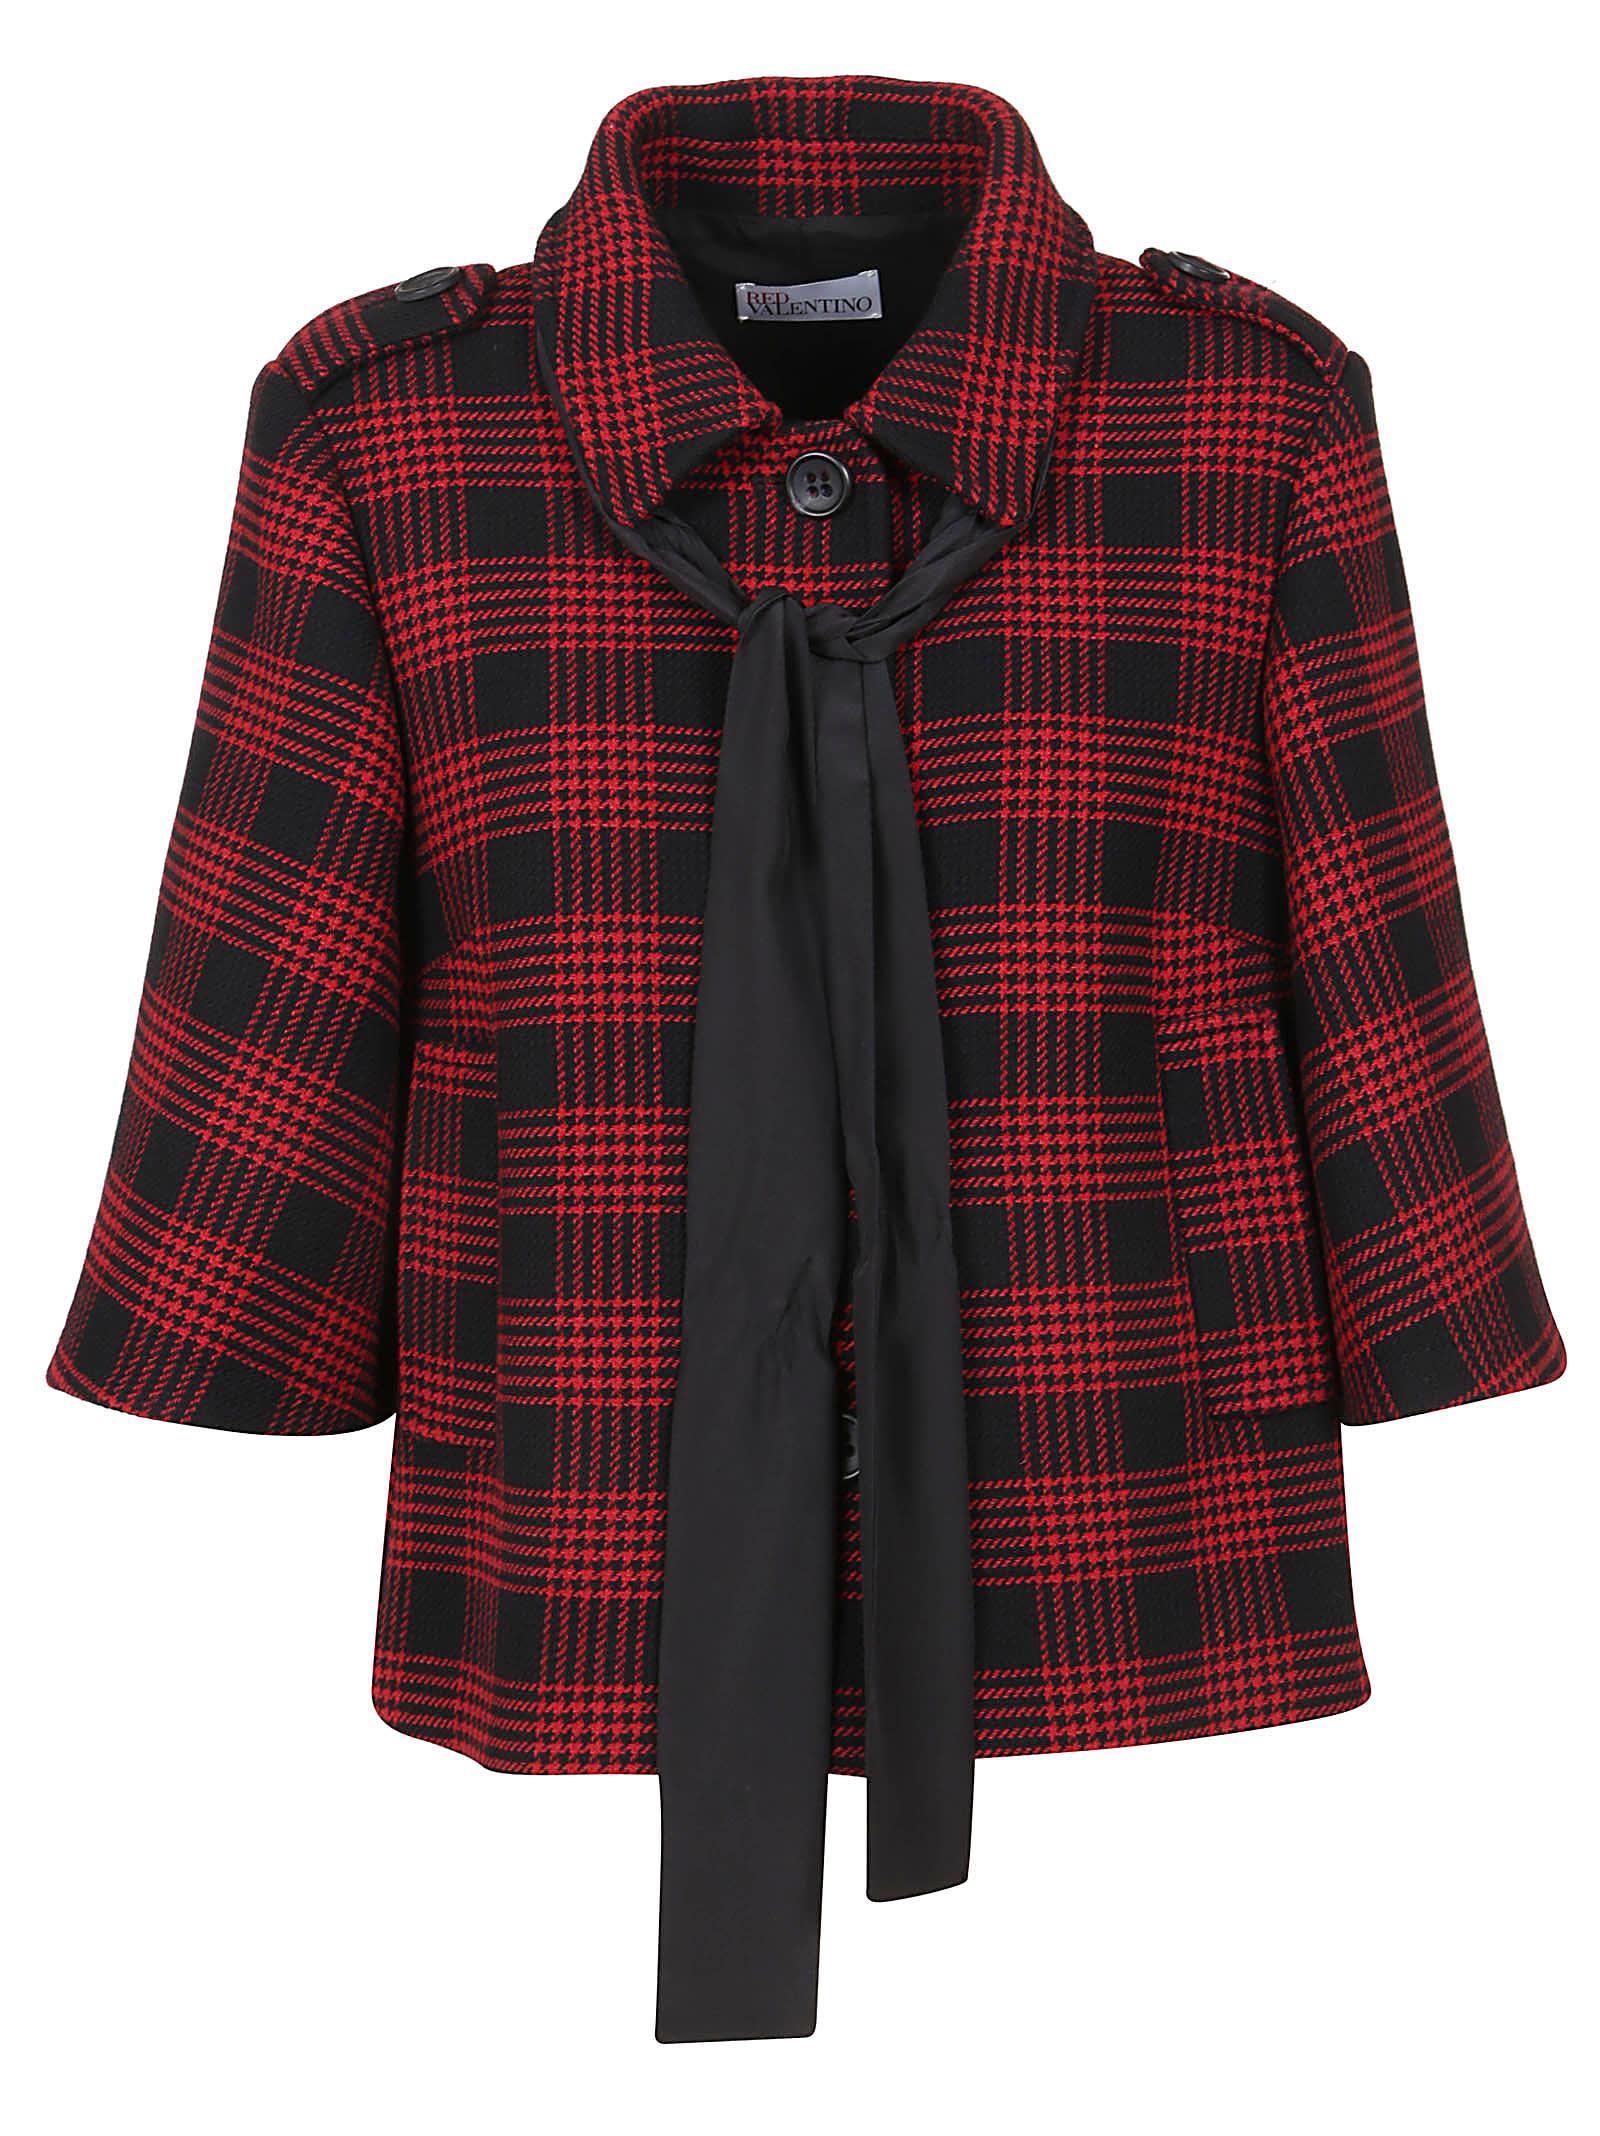 Multicolor Checked Cotton Jacket